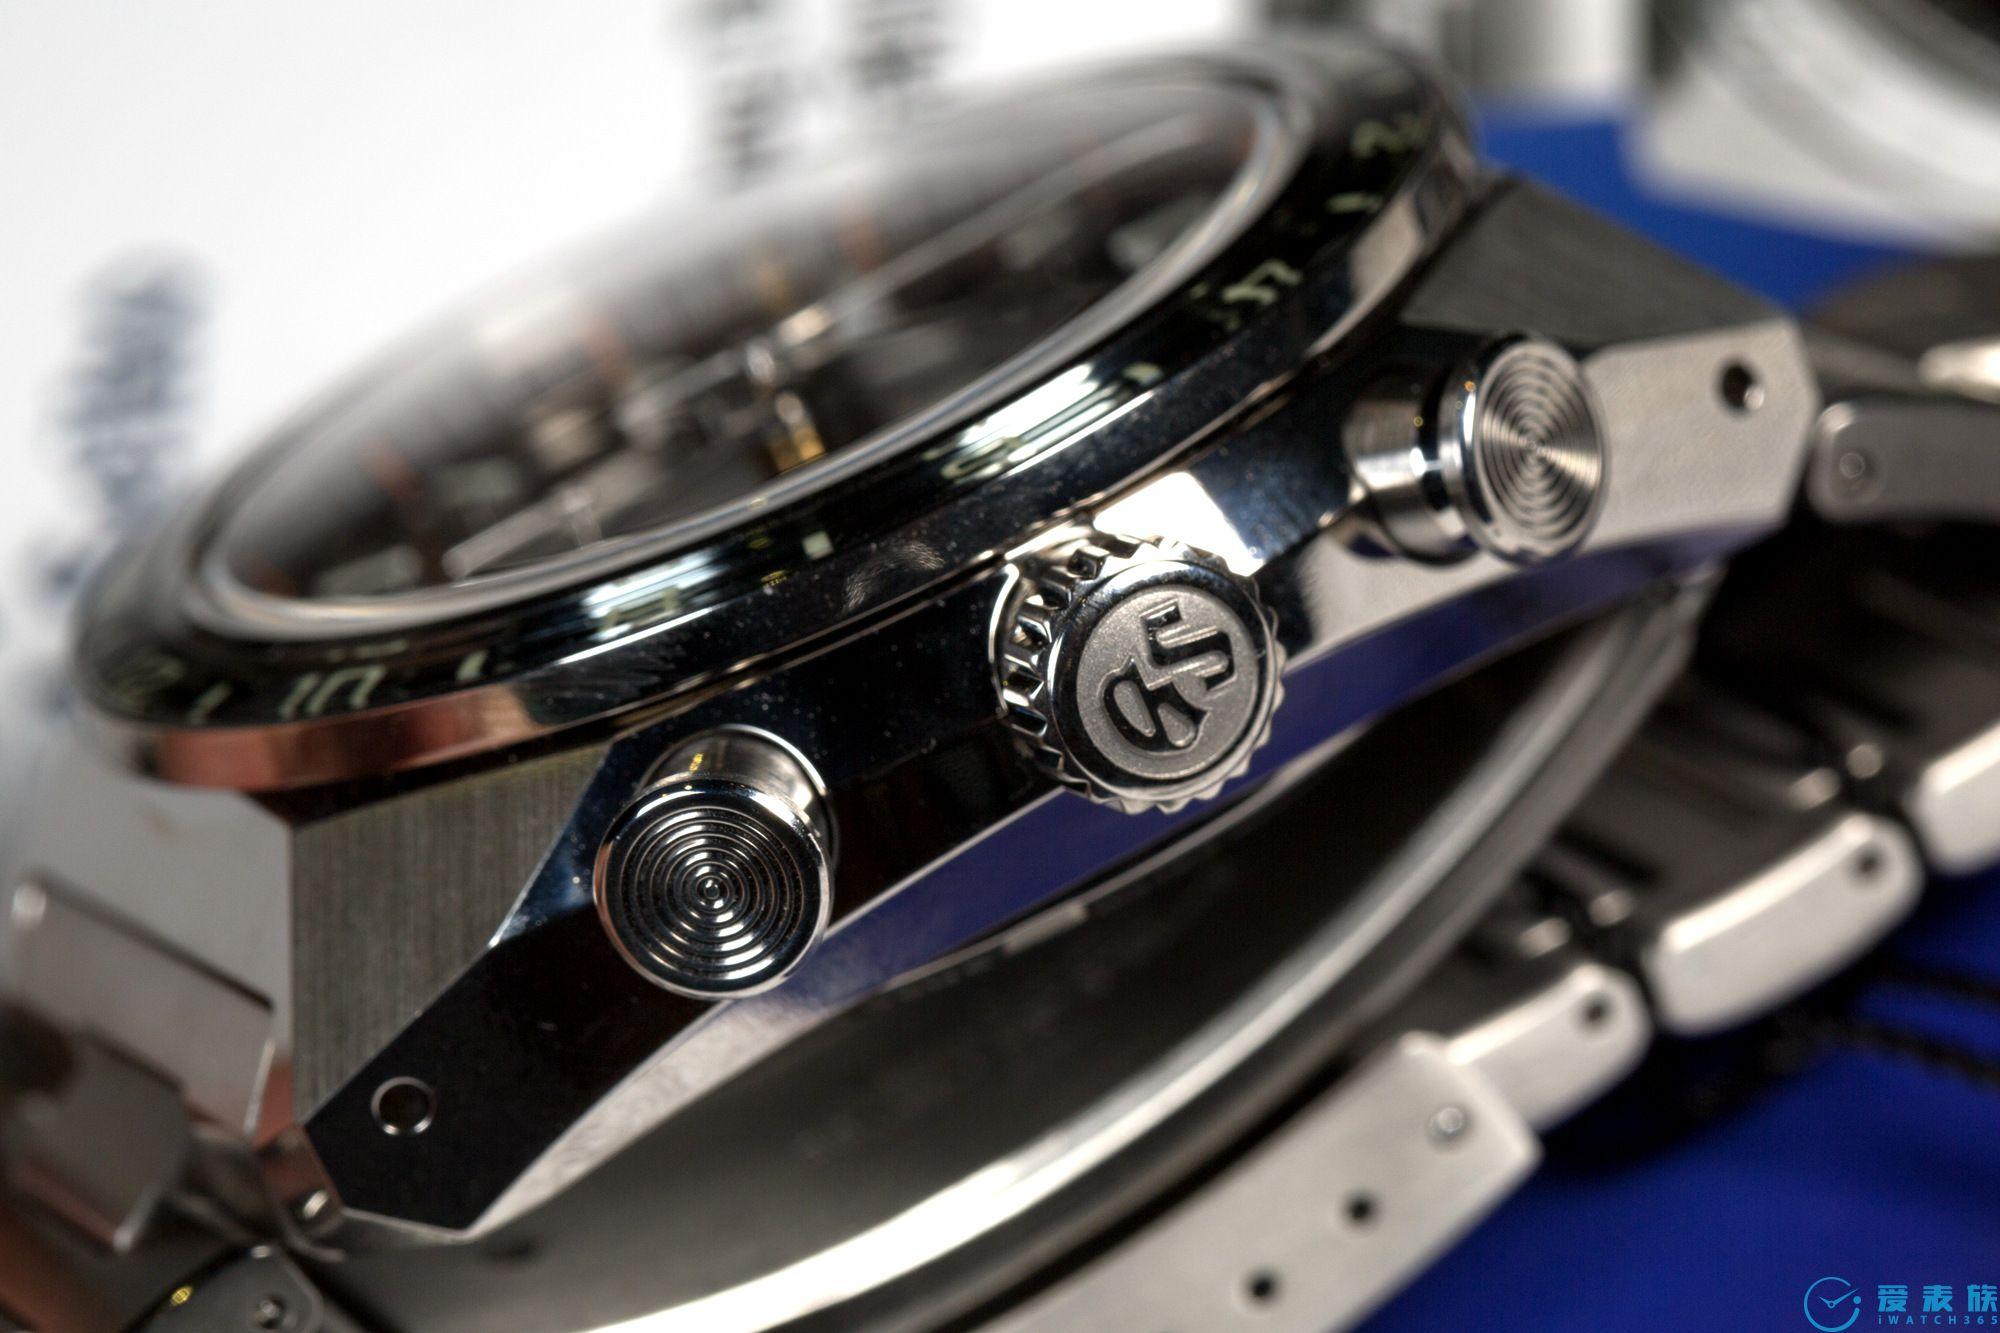 買不到鋼迪,不妨看看Grand Seiko這枚計時表